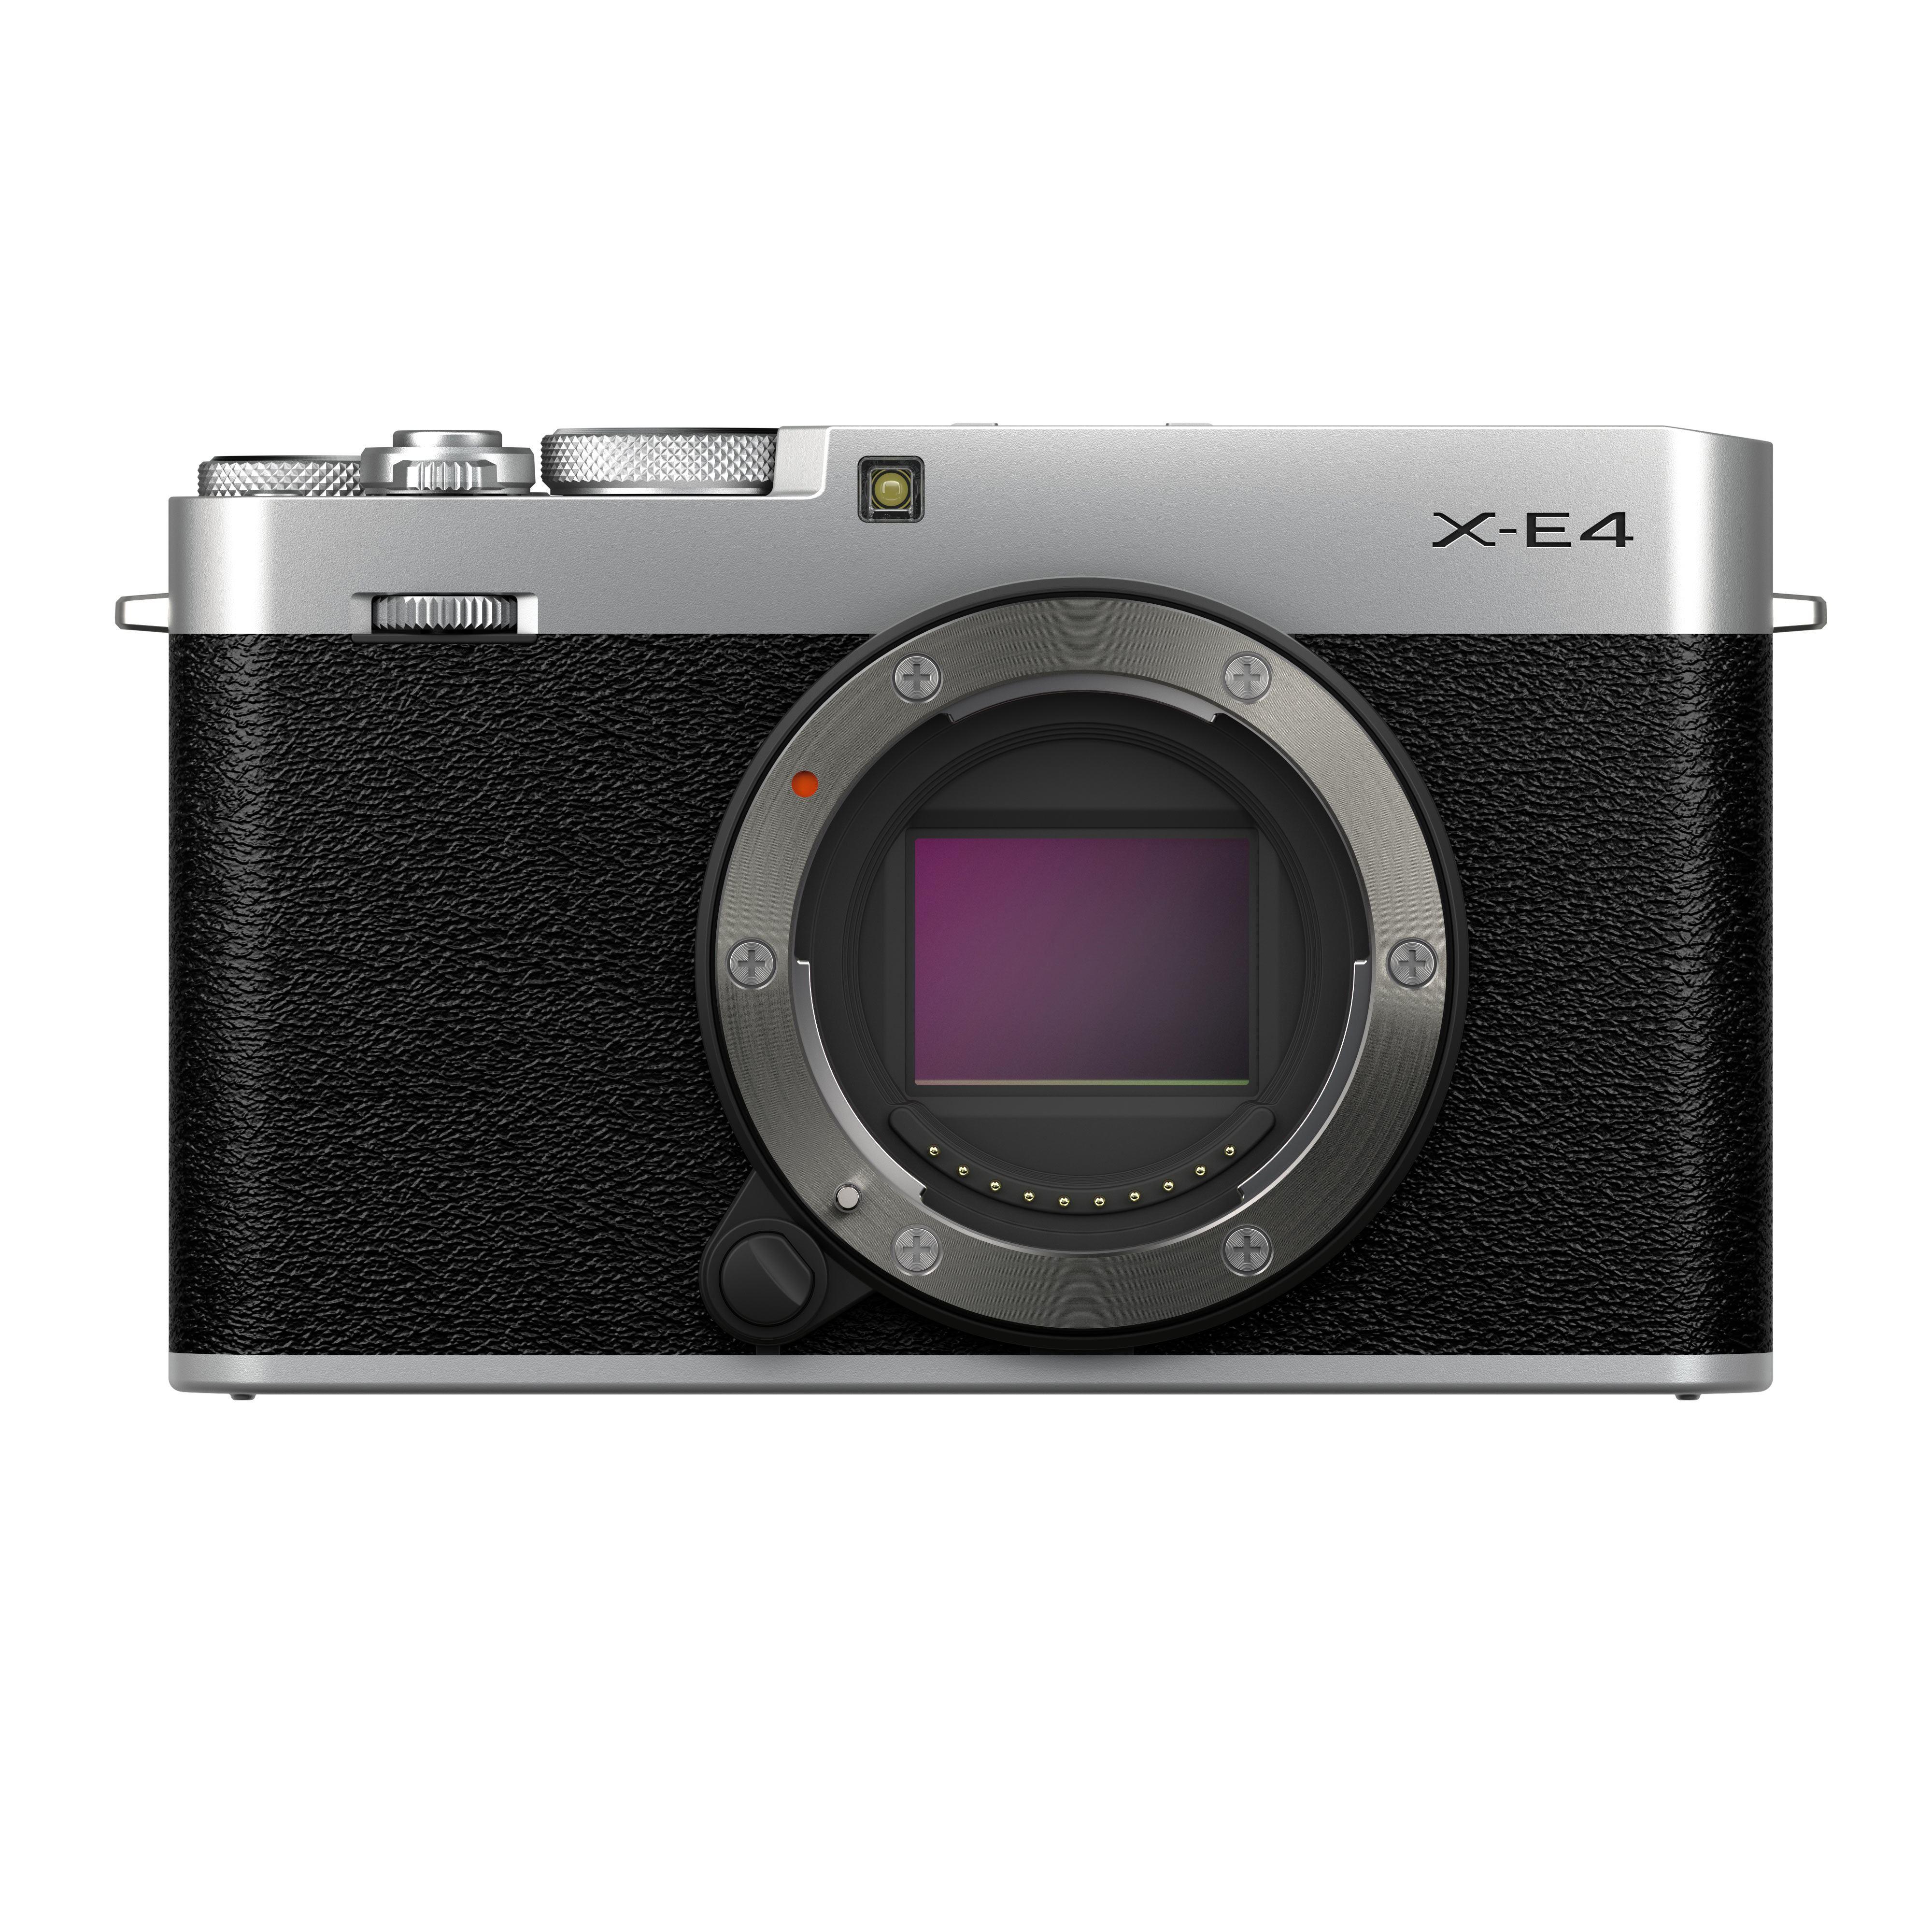 Image of Fujifilm X-E4 Digital Camera Body - Silver